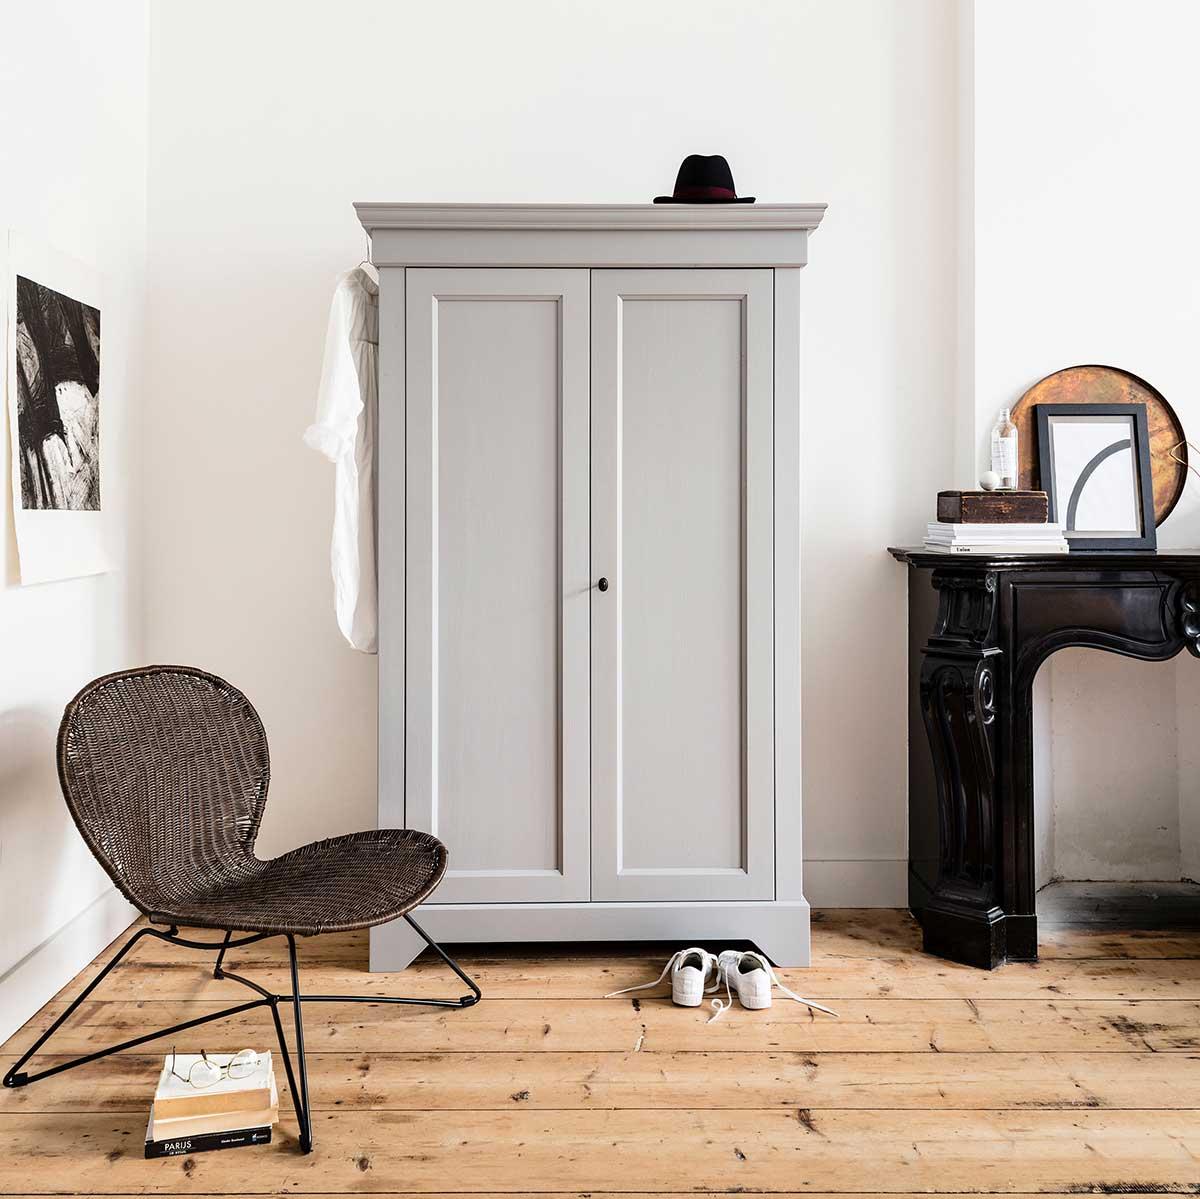 Armoire parisienne : 15 meubles en bois au charme ancien